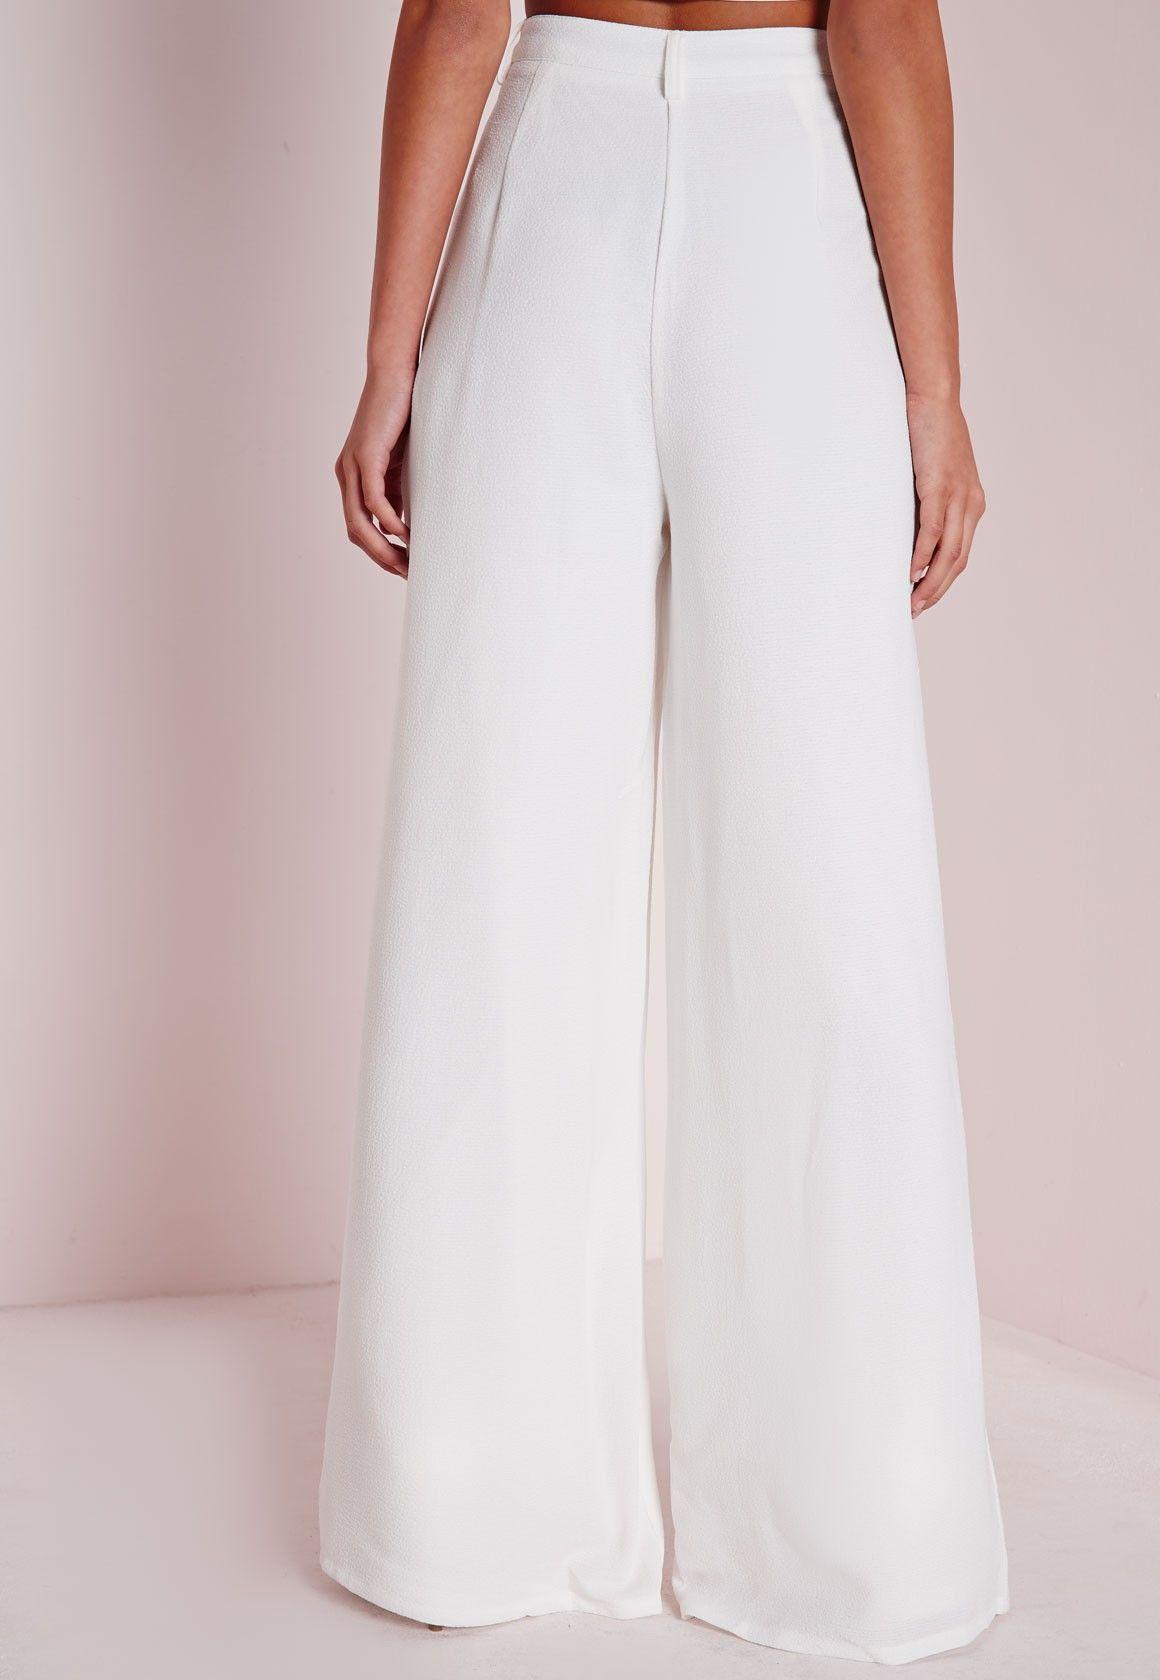 7af1dec0cc3a Missguided Premium Crepe Wide Leg Pants White | Pinterest ...